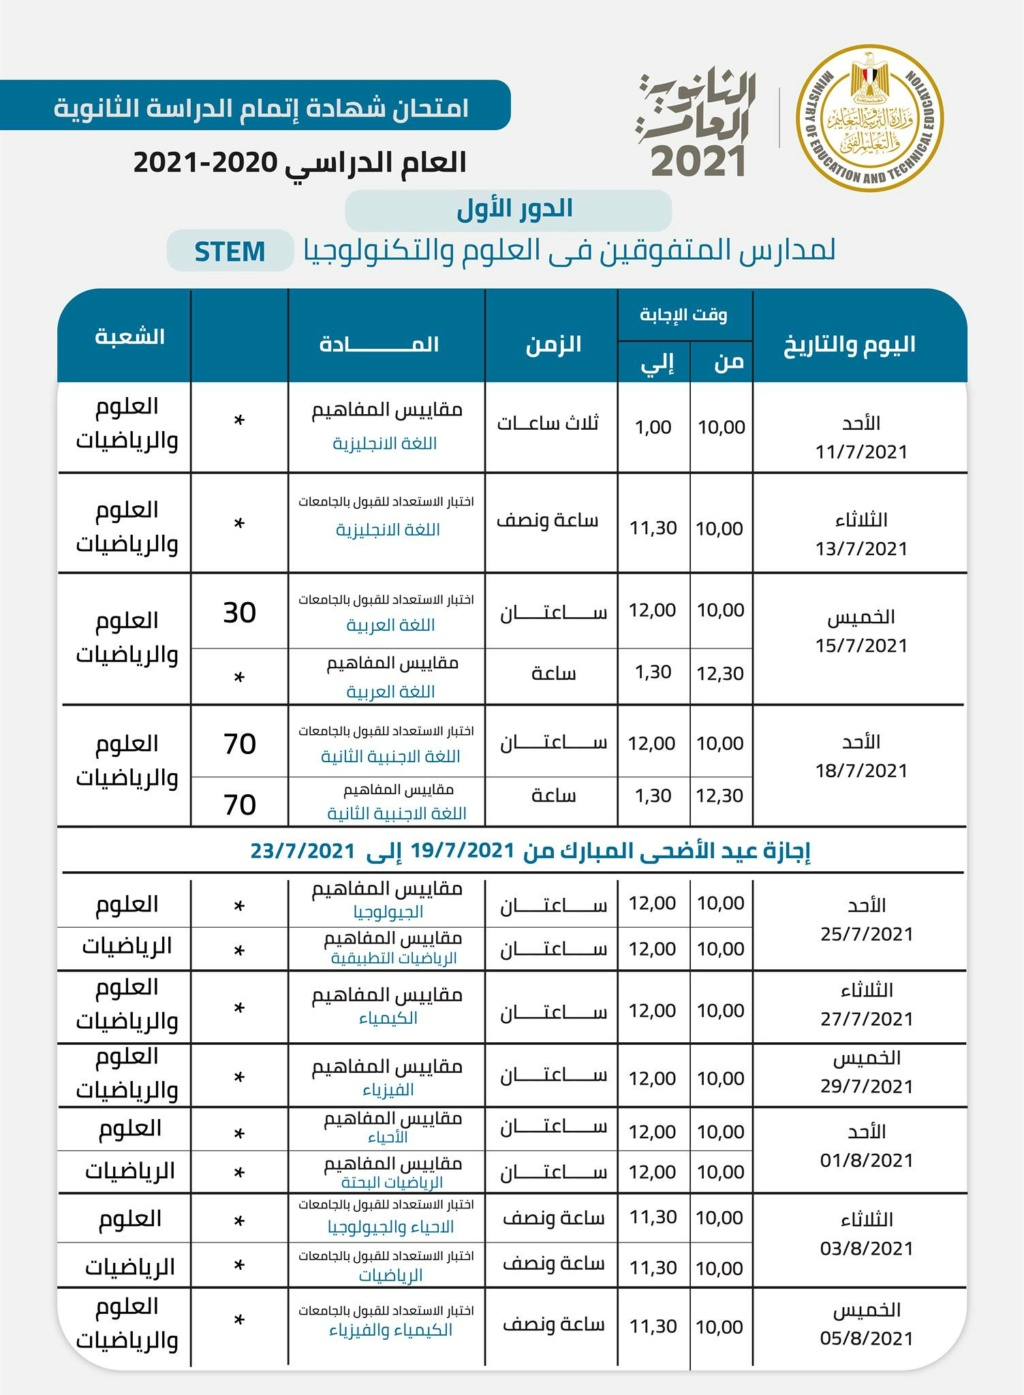 طريقة تظليل رقم الجلوس والإجابات في البابل شيت الثانوية العامة2021 31698